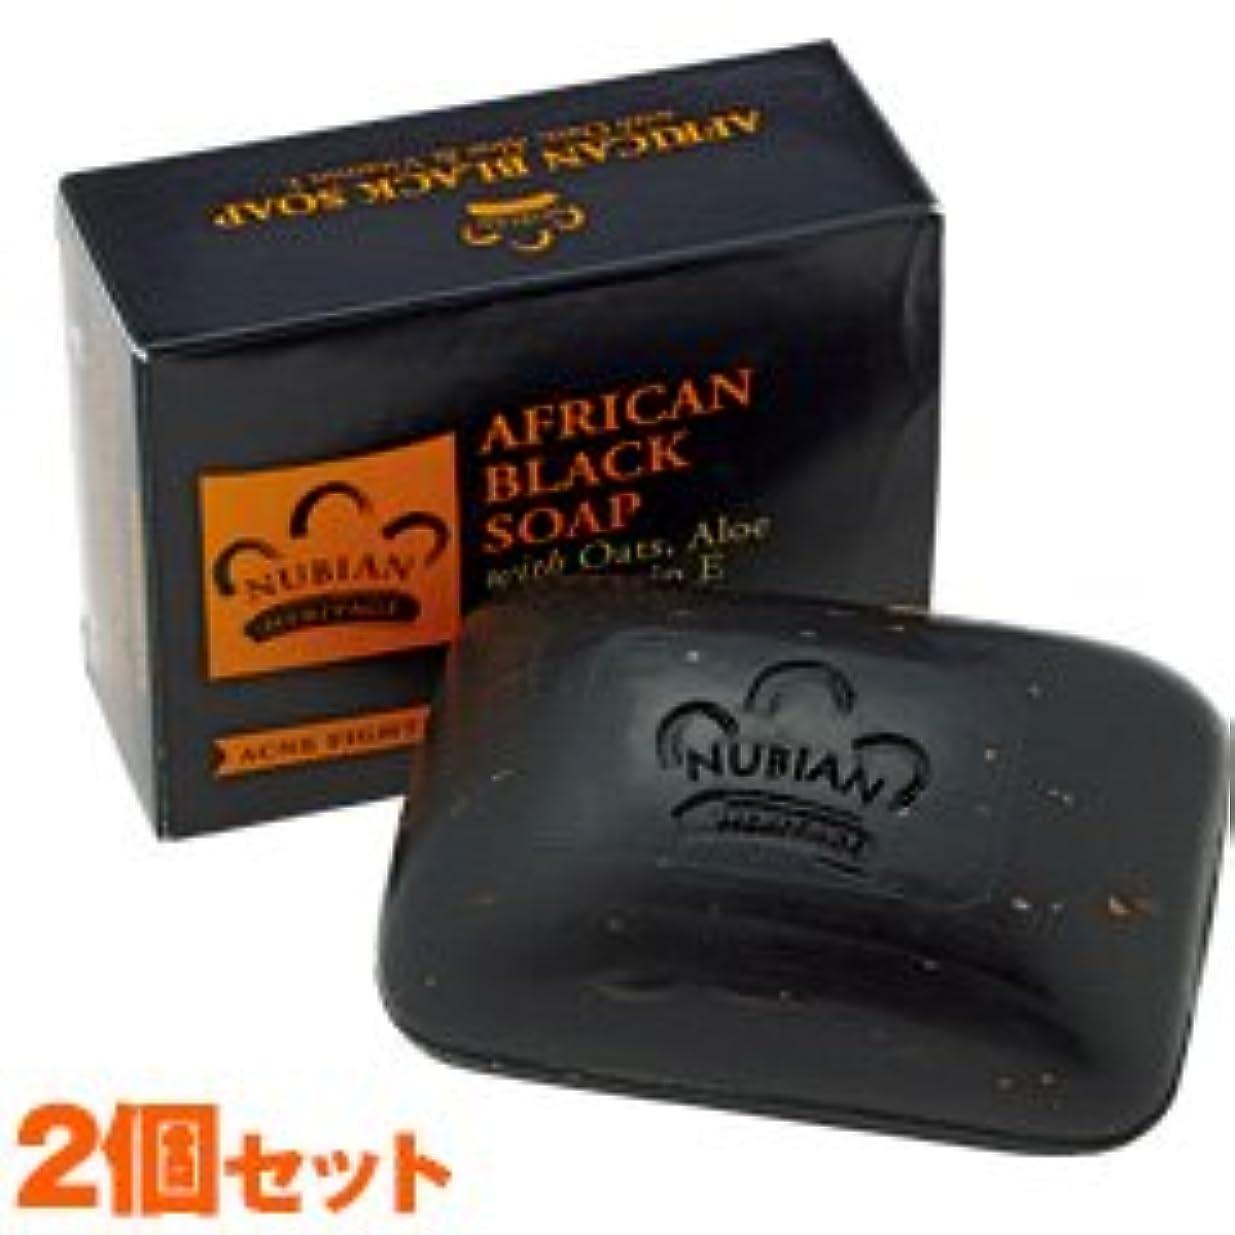 周波数カウント規制するヌビアン ヘリテージ(NUBIAN HERITAGE)アフリカン ブラック ソープバー 2個セット 141gX2[並行輸入品][海外直送品]